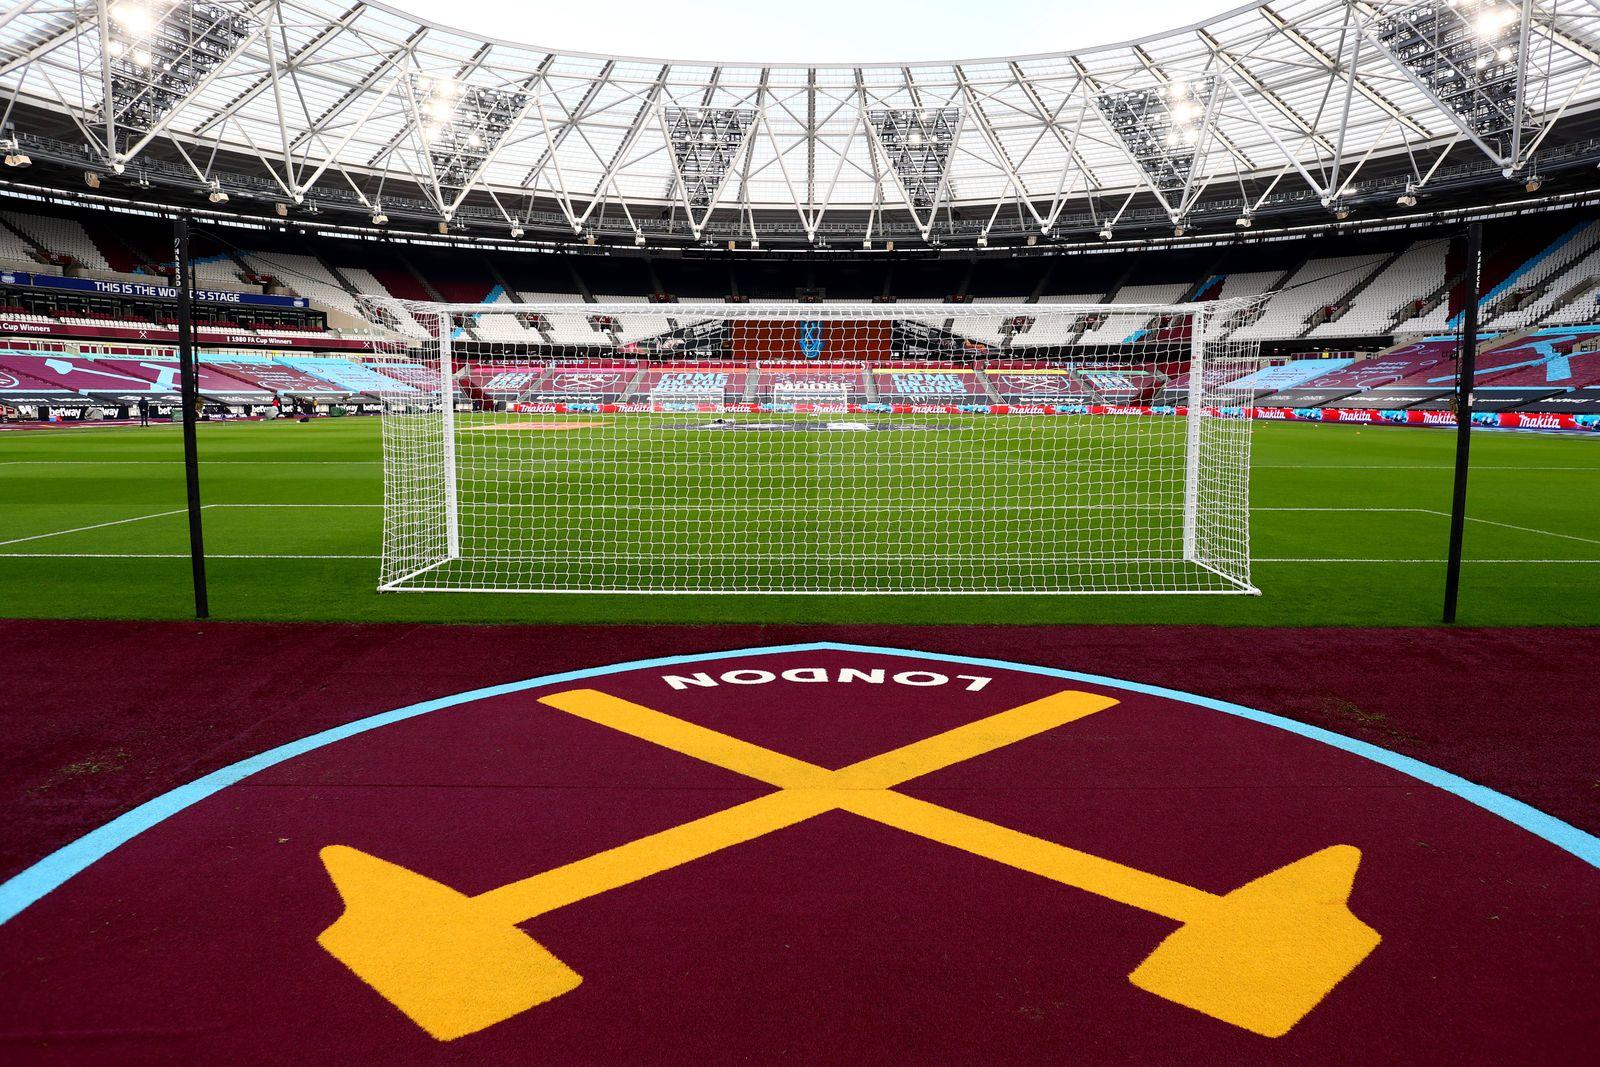 West Ham United - Tottenham Hotspur